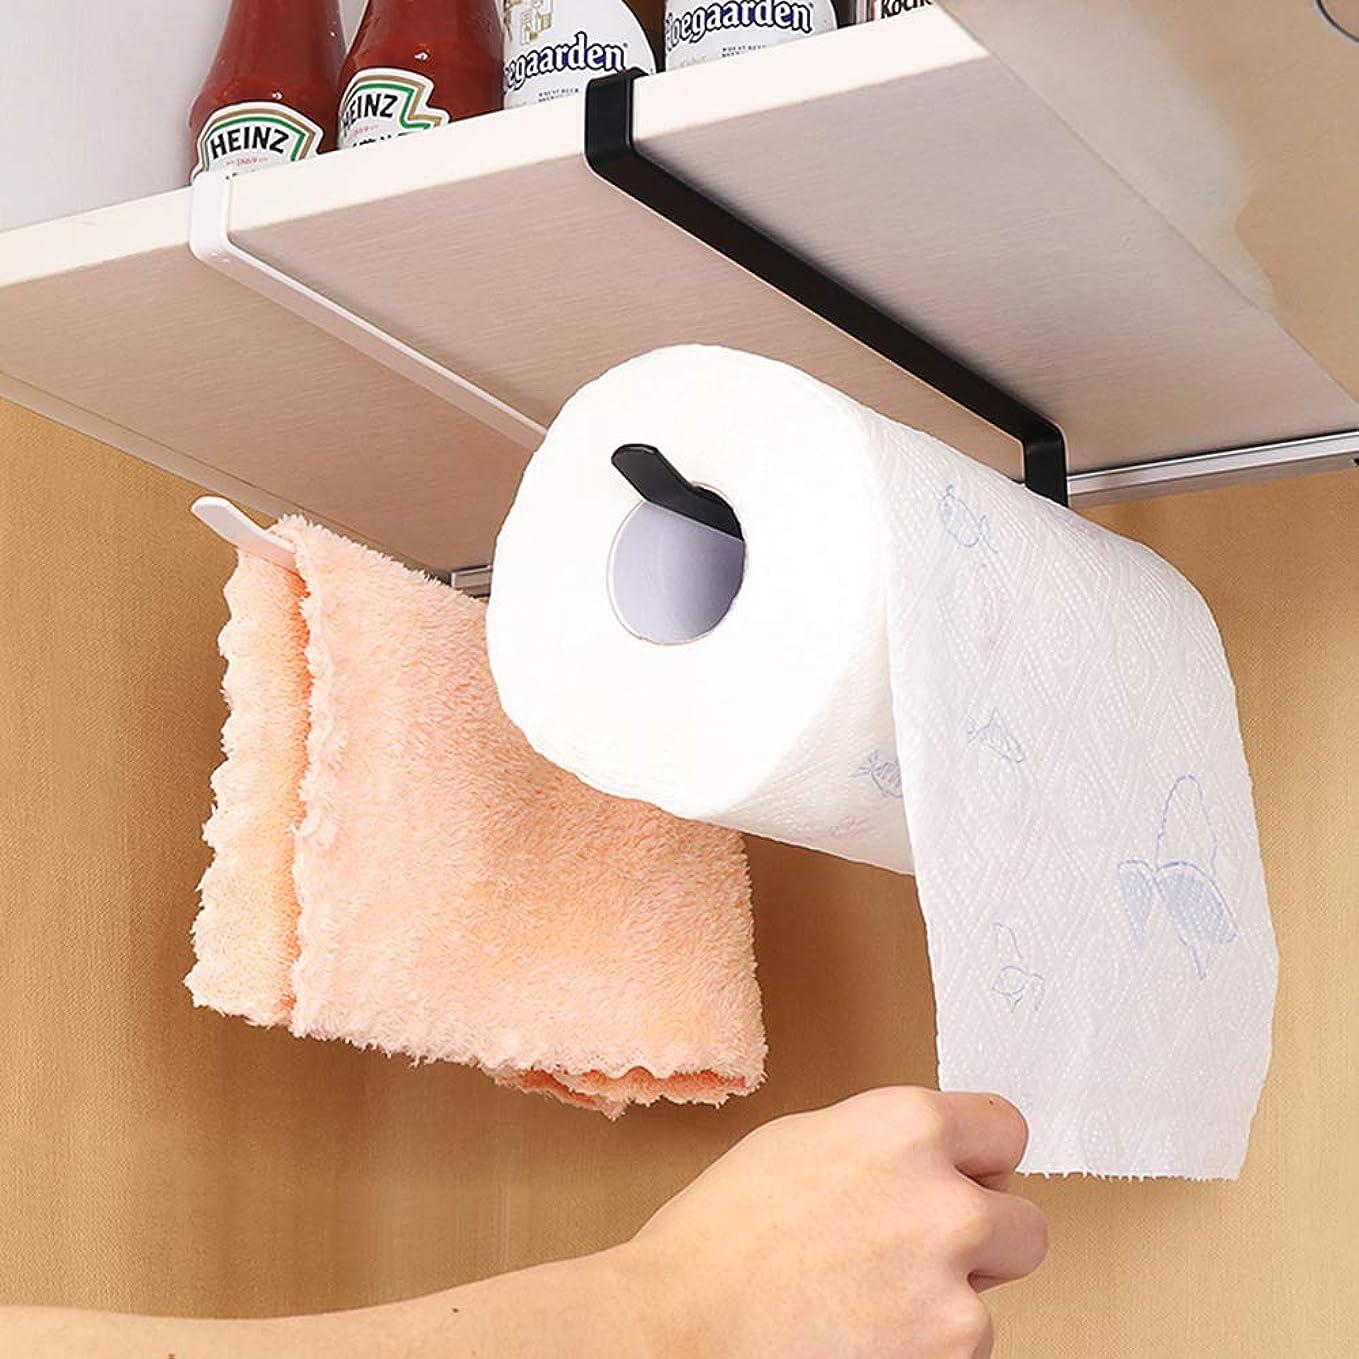 辛なフローティング授業料ラップホルダー AISIT 戸棚下キッチンペーパーホルダー 片手でカット 穴あけ不要 ホワイト